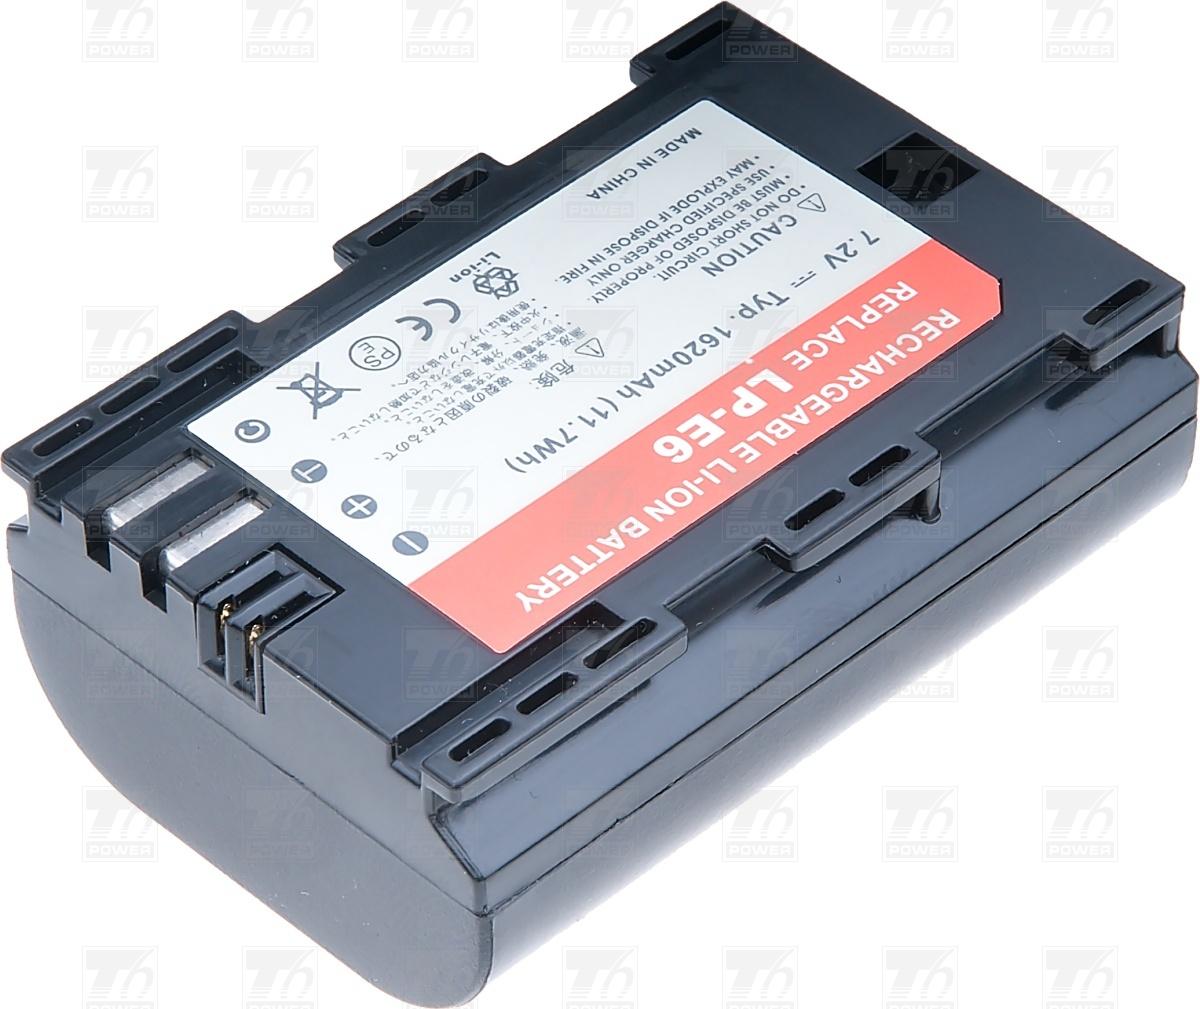 T6 power Baterie T6 power LP-E6, LP-E6N DCCA0017